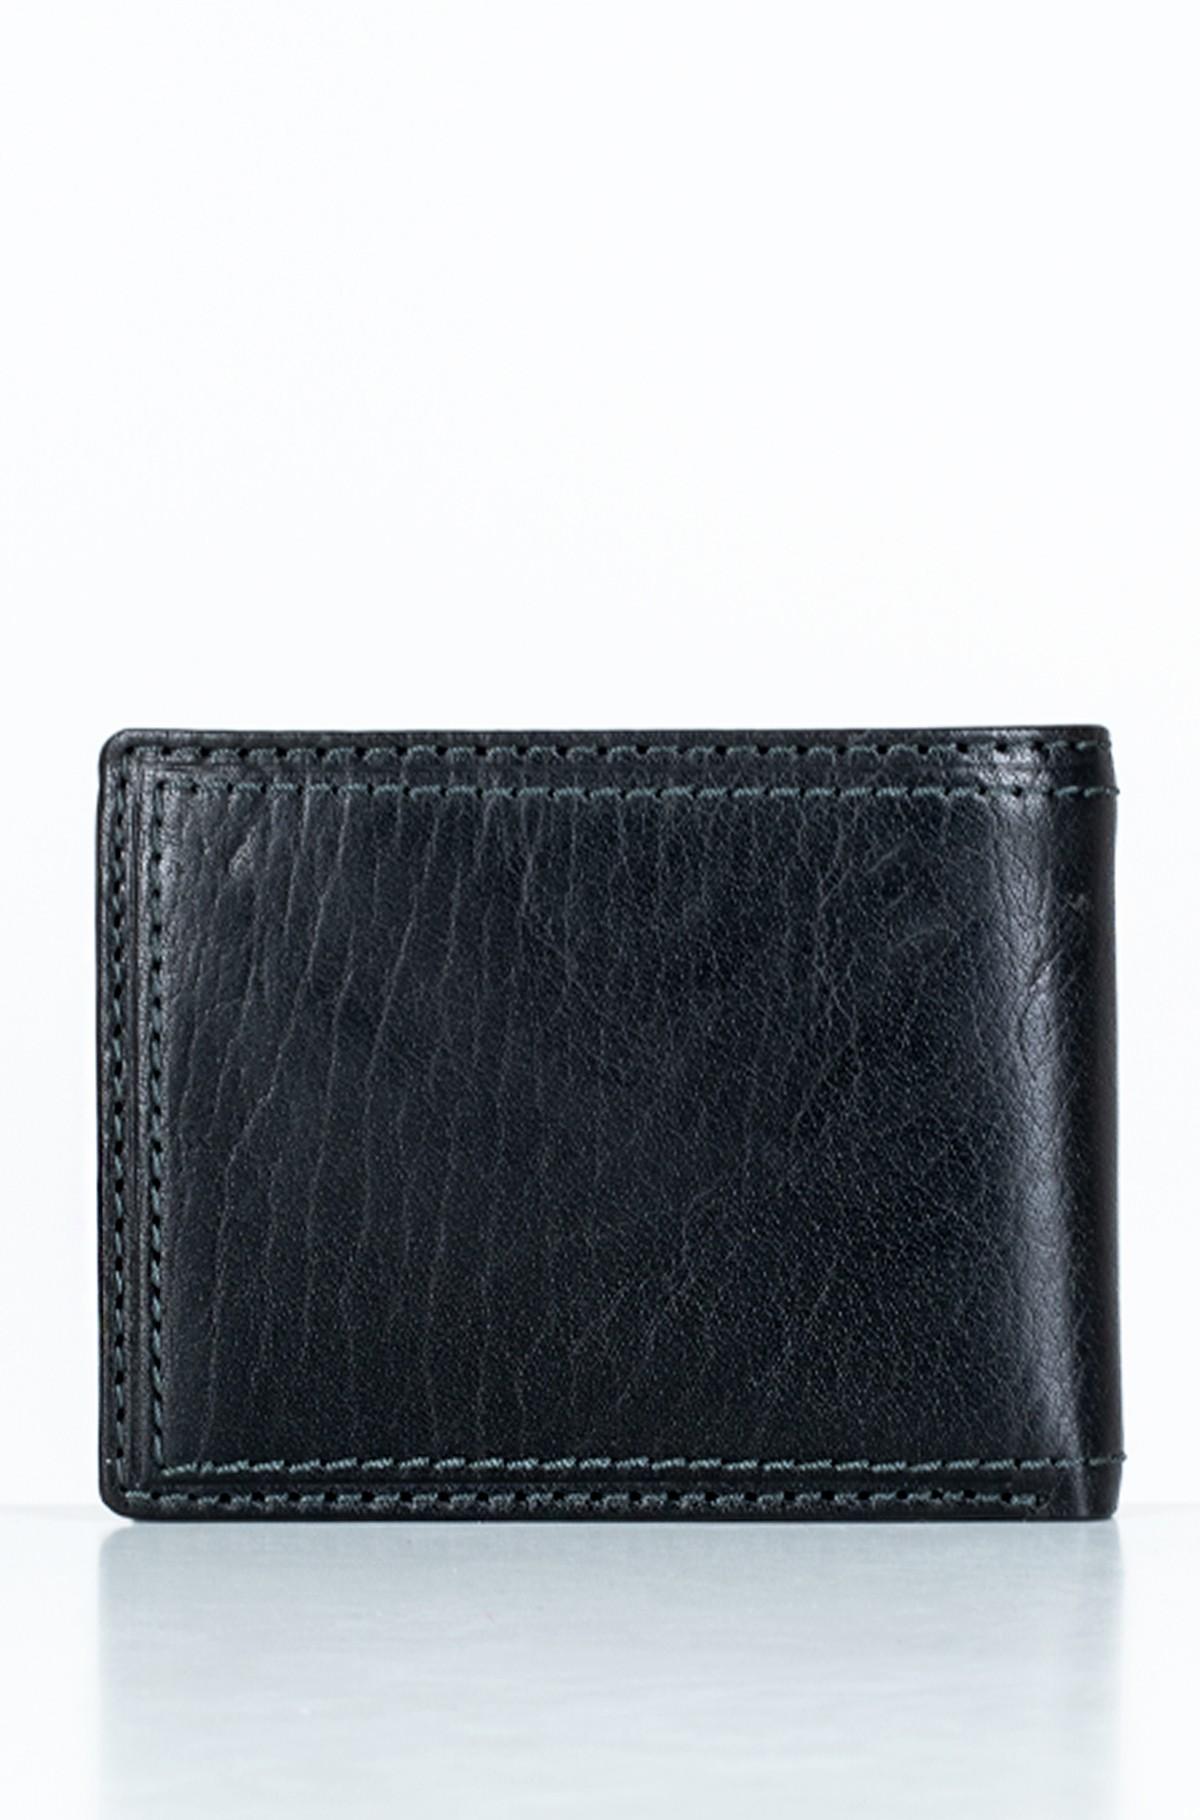 Rahakott ja võtmehoidja kinkekarbis 288/701-full-5